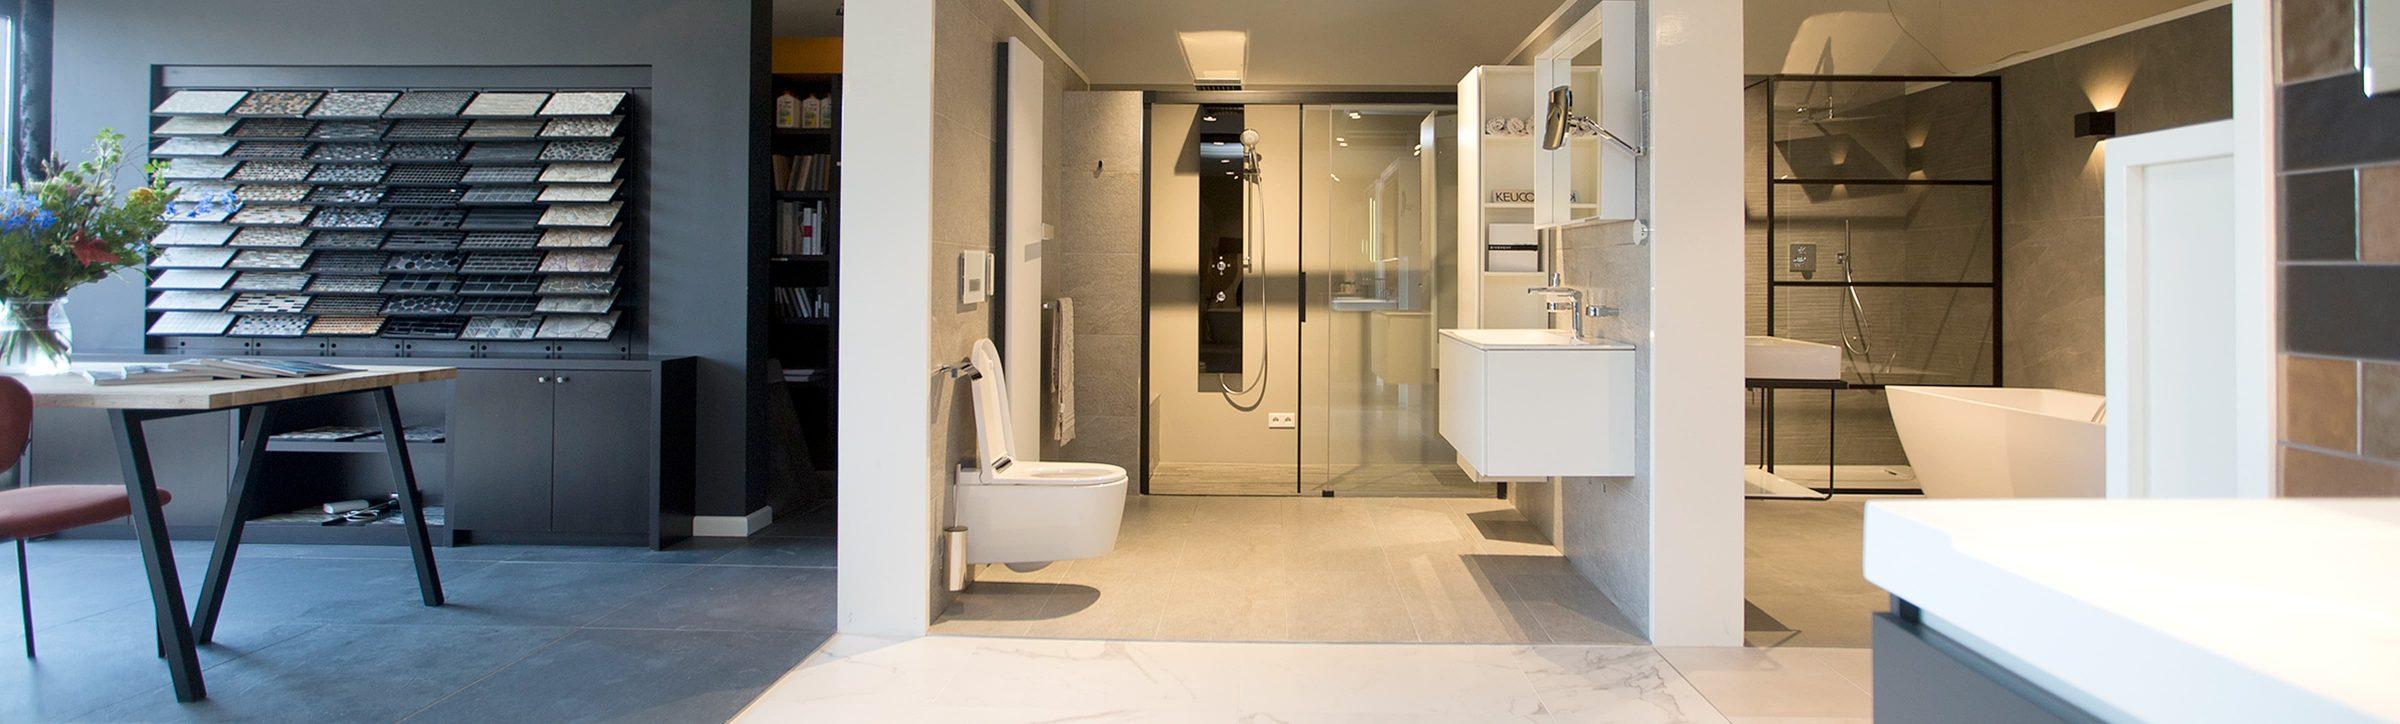 schuit-totaal-wonen-showroom-badkamers